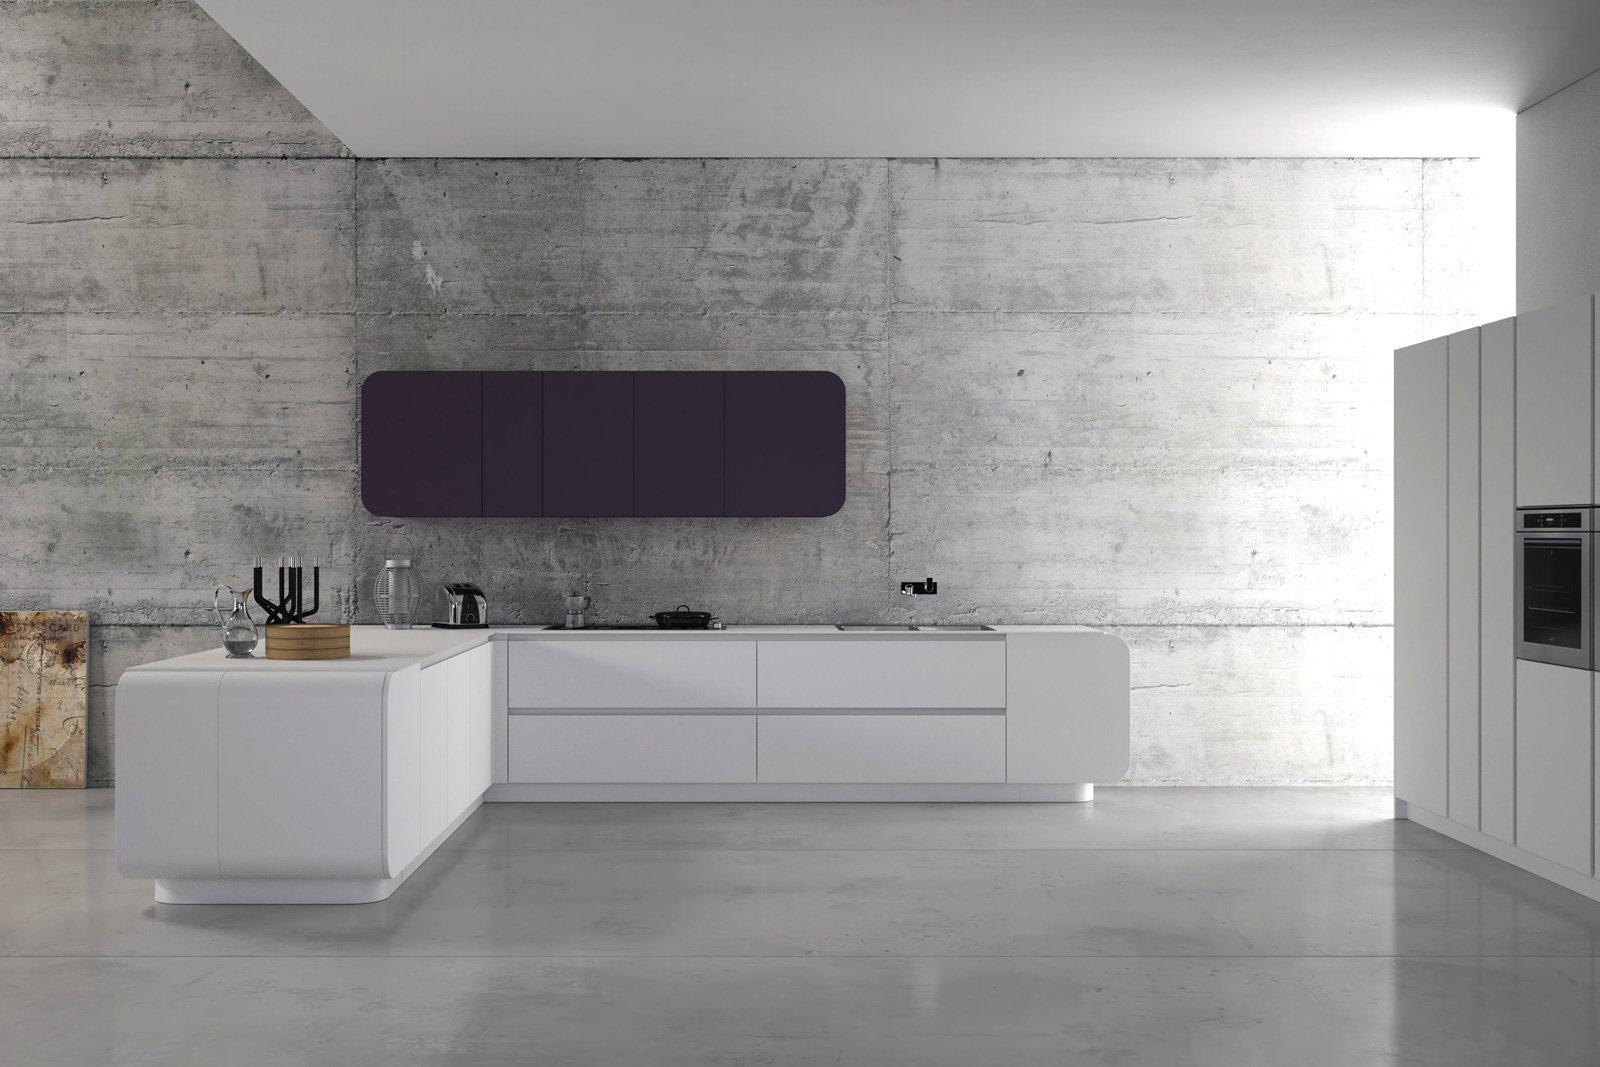 numerouno di doimo cucine caratterizzata da una linea essenziale e pulita che consente di accostarla